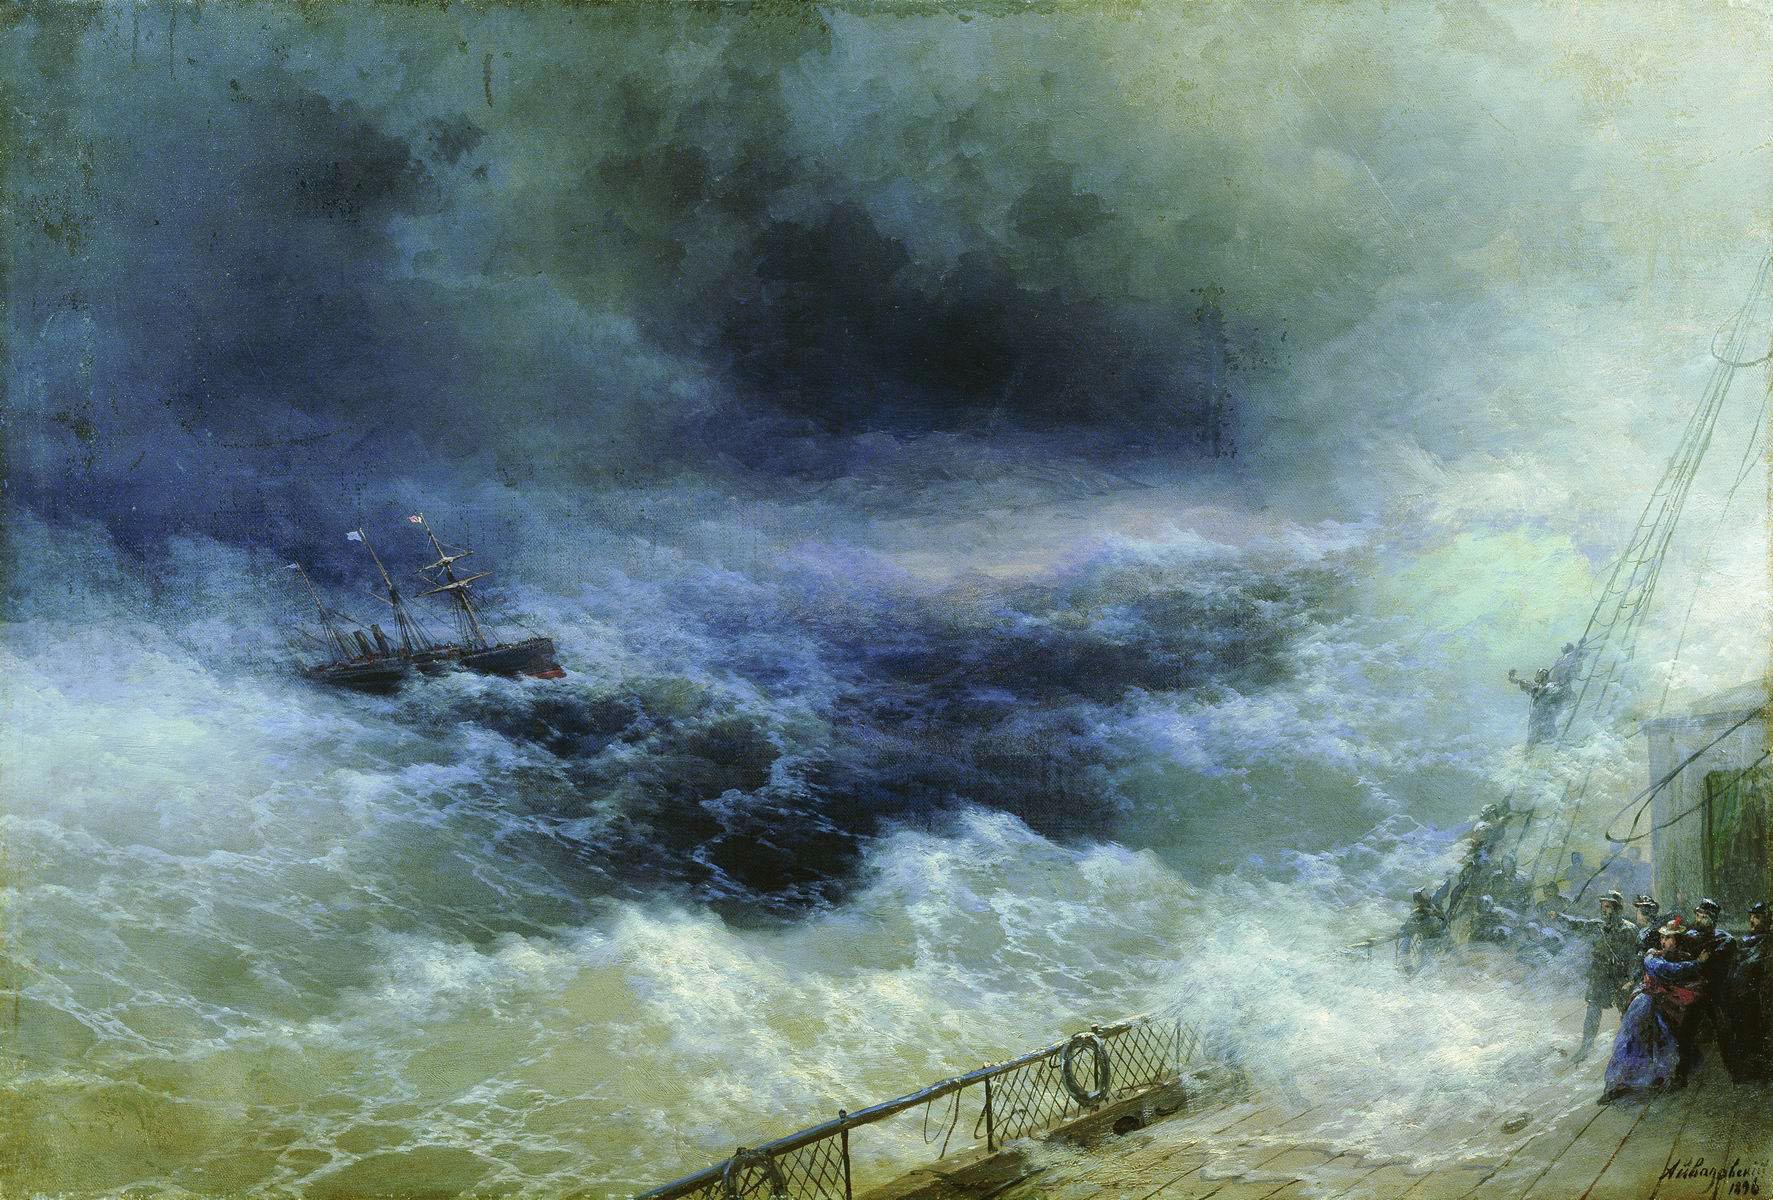 http://uploads5.wikiart.org/images/ivan-aivazovsky/ocean-1896.jpg